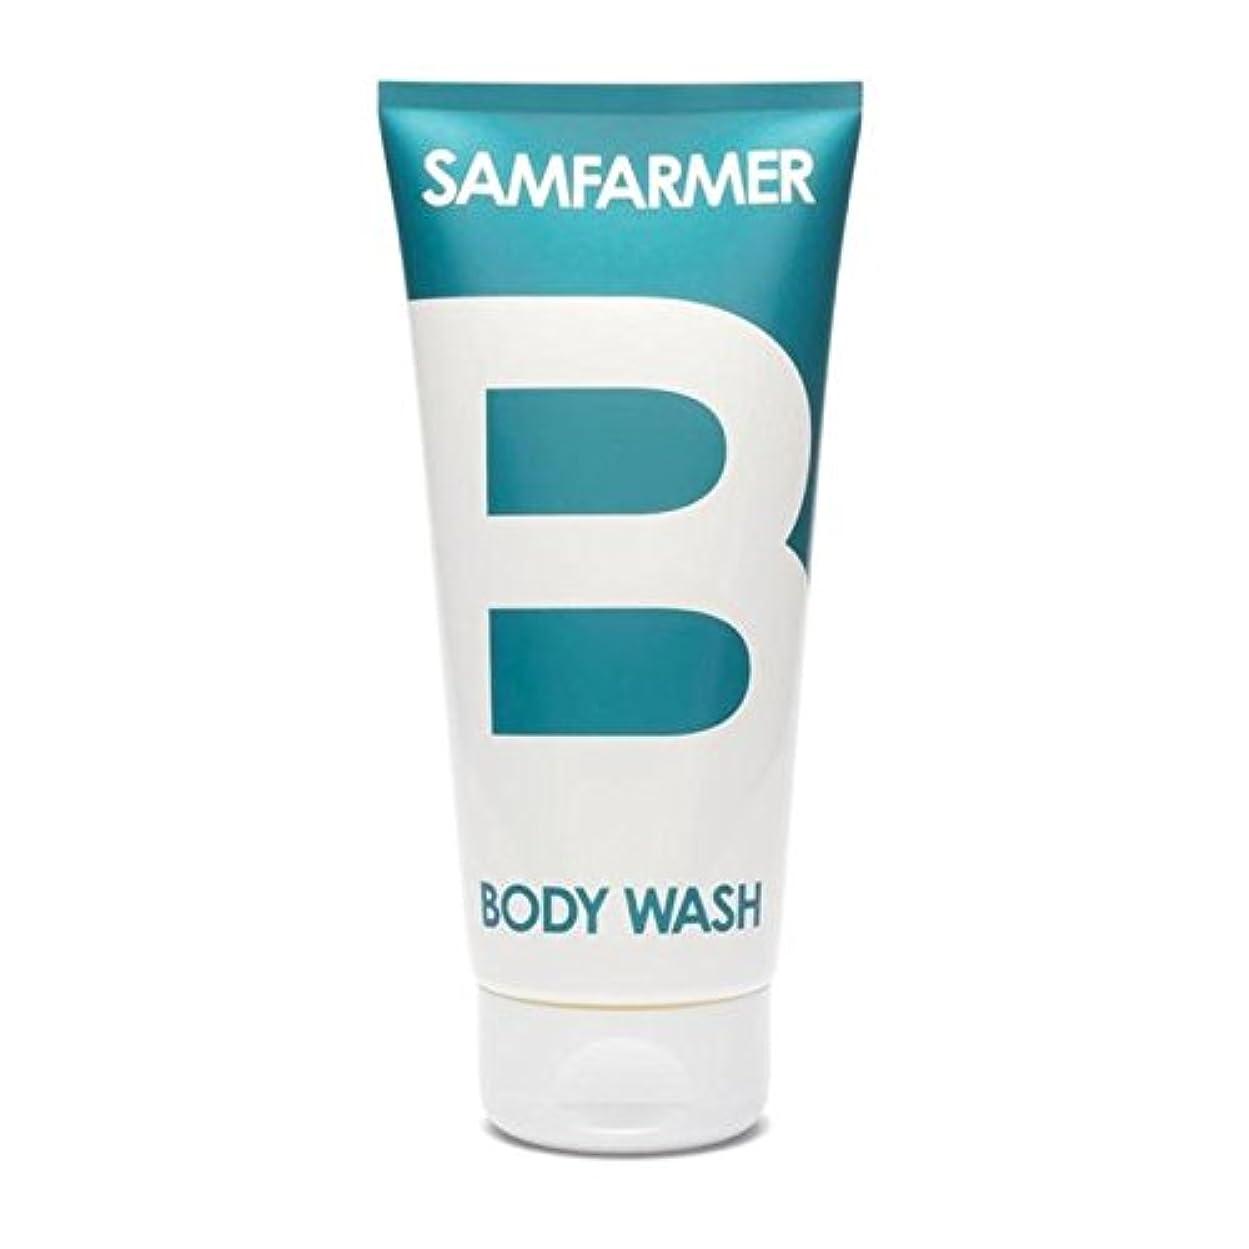 パック蚊接続詞SAMFARMER Unisex Body Wash 200ml (Pack of 6) - ユニセックスボディウォッシュ200ミリリットル x6 [並行輸入品]